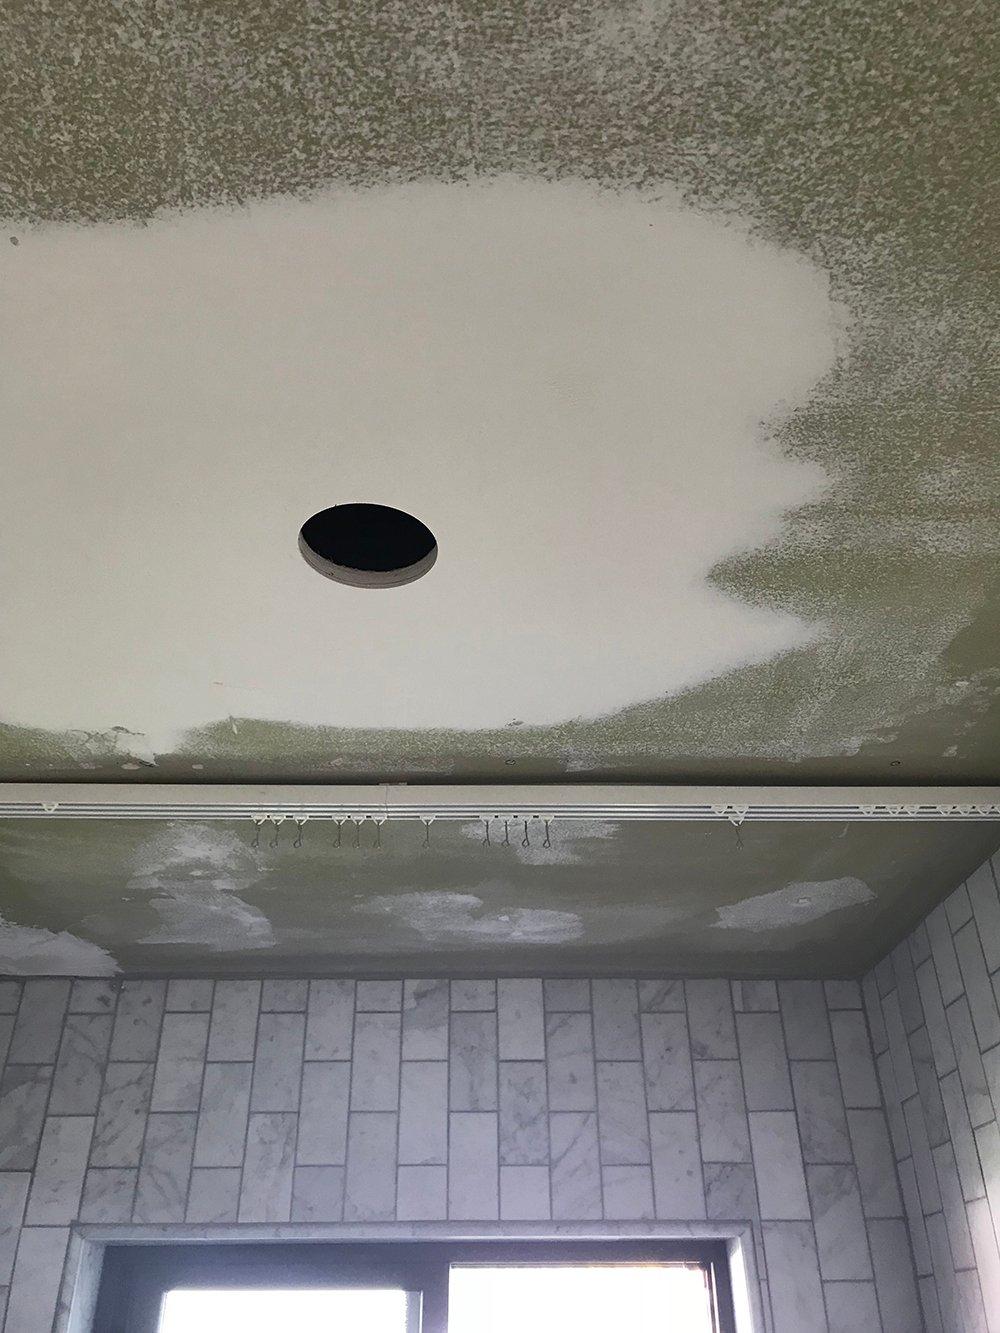 Installing a Flush Mount Light Fixture